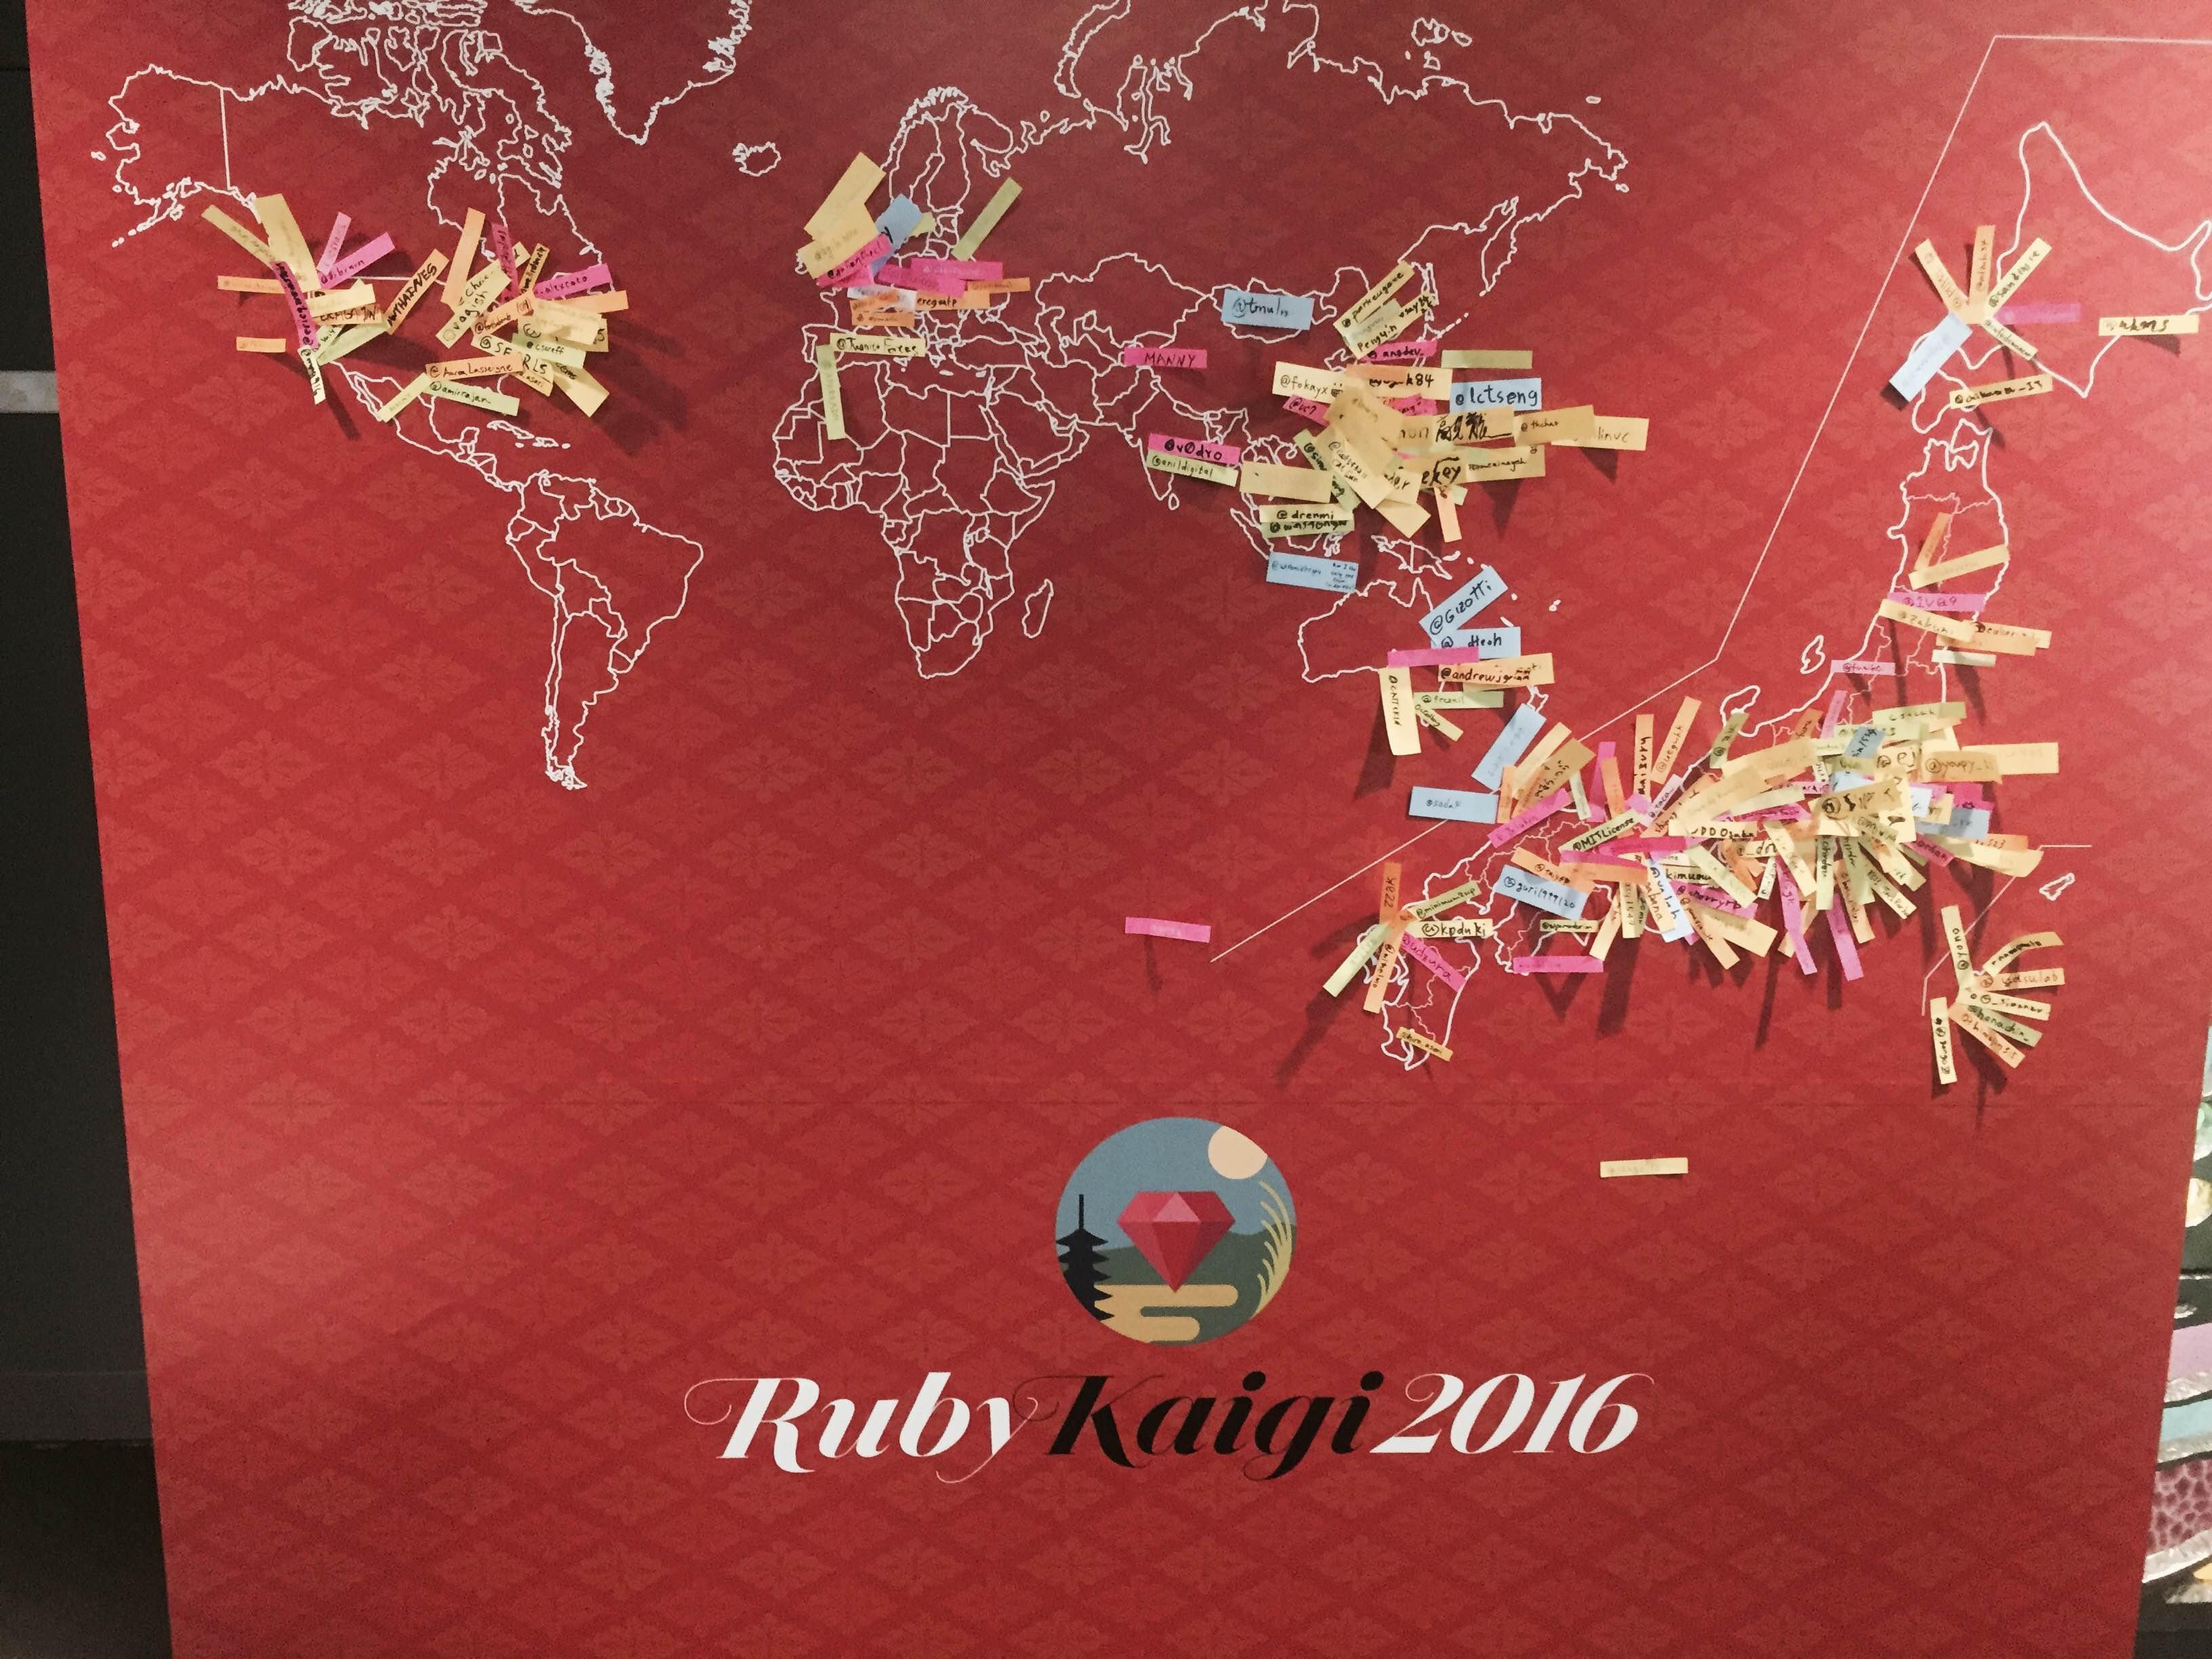 全国、世界各国から参加者があり、海外の方も目立つ。